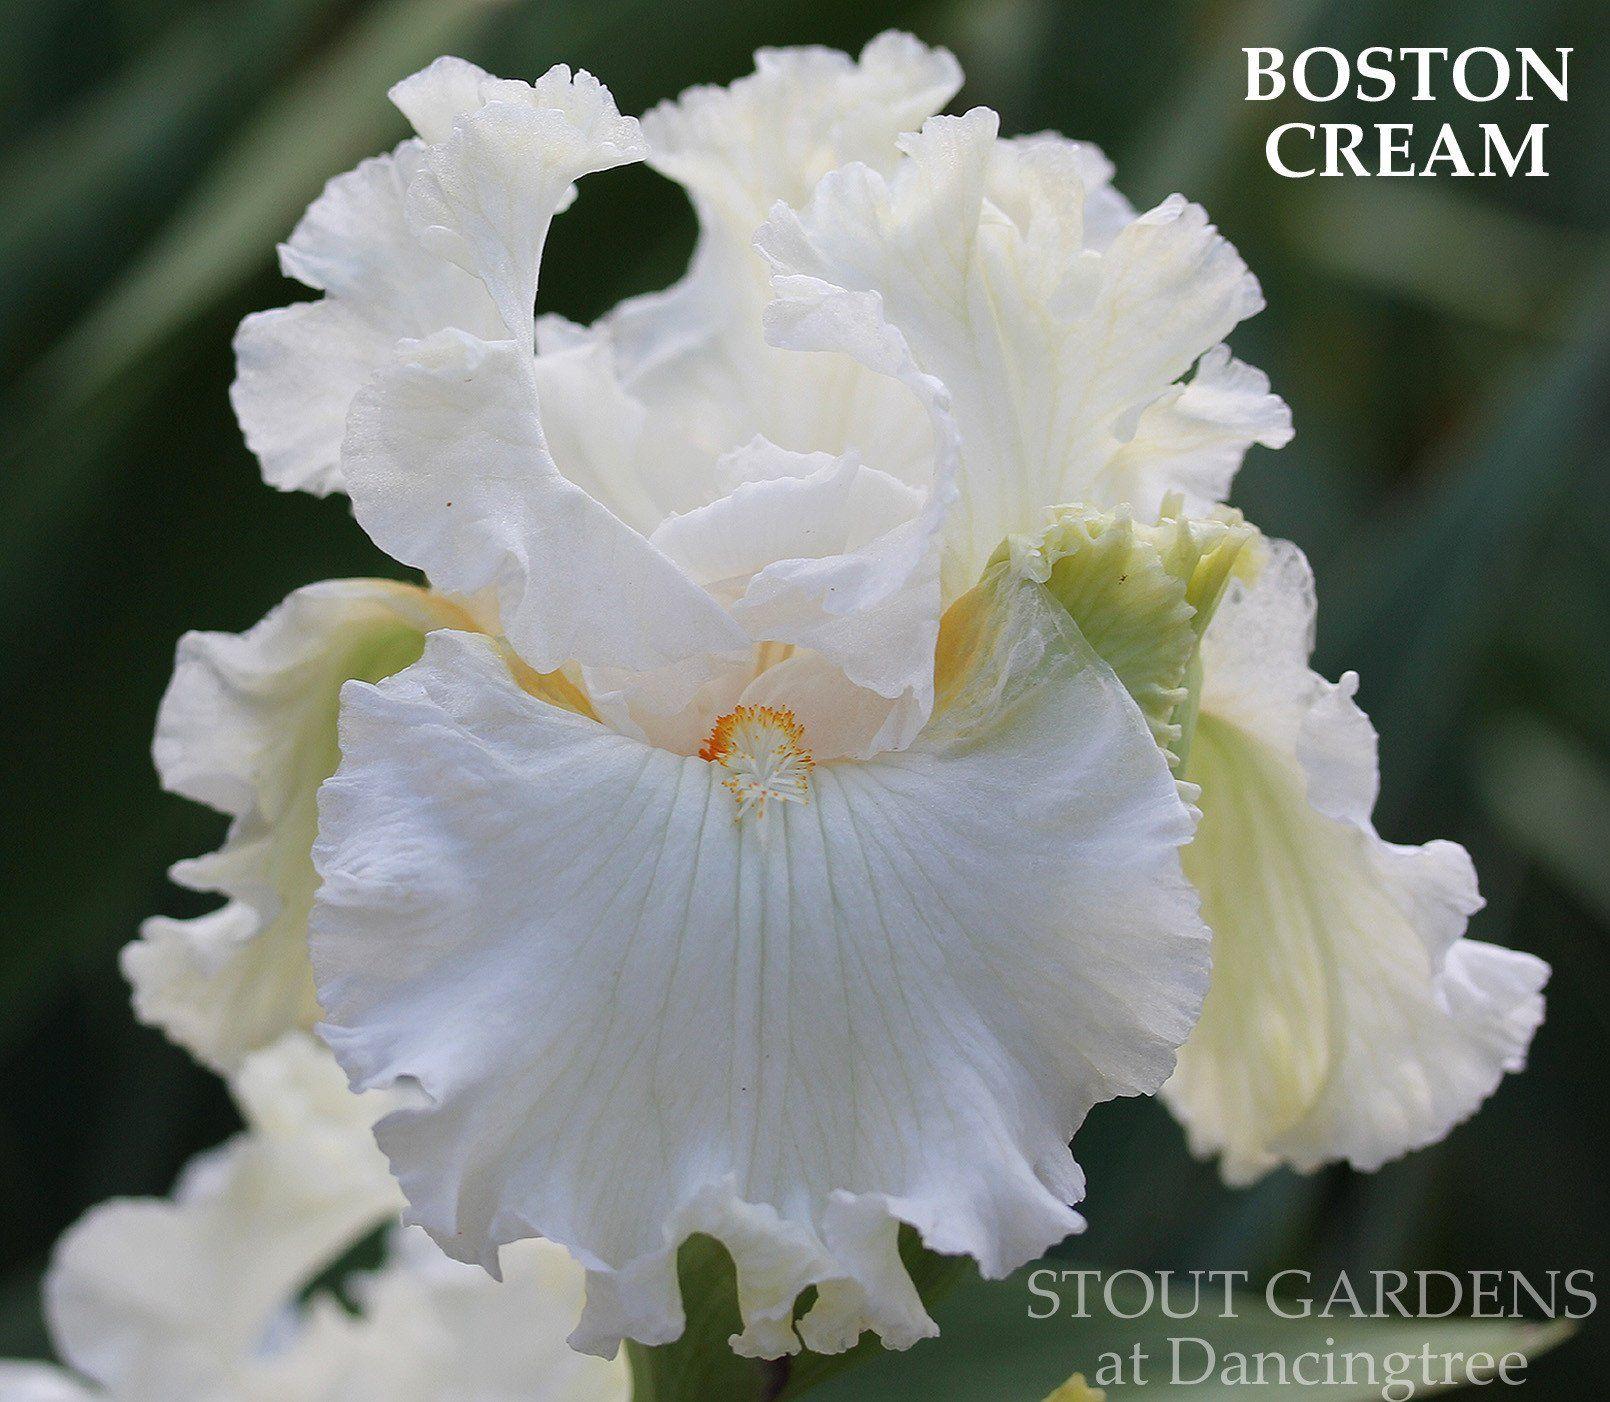 Stout gardens at dancingtree iris boston cream for the garden